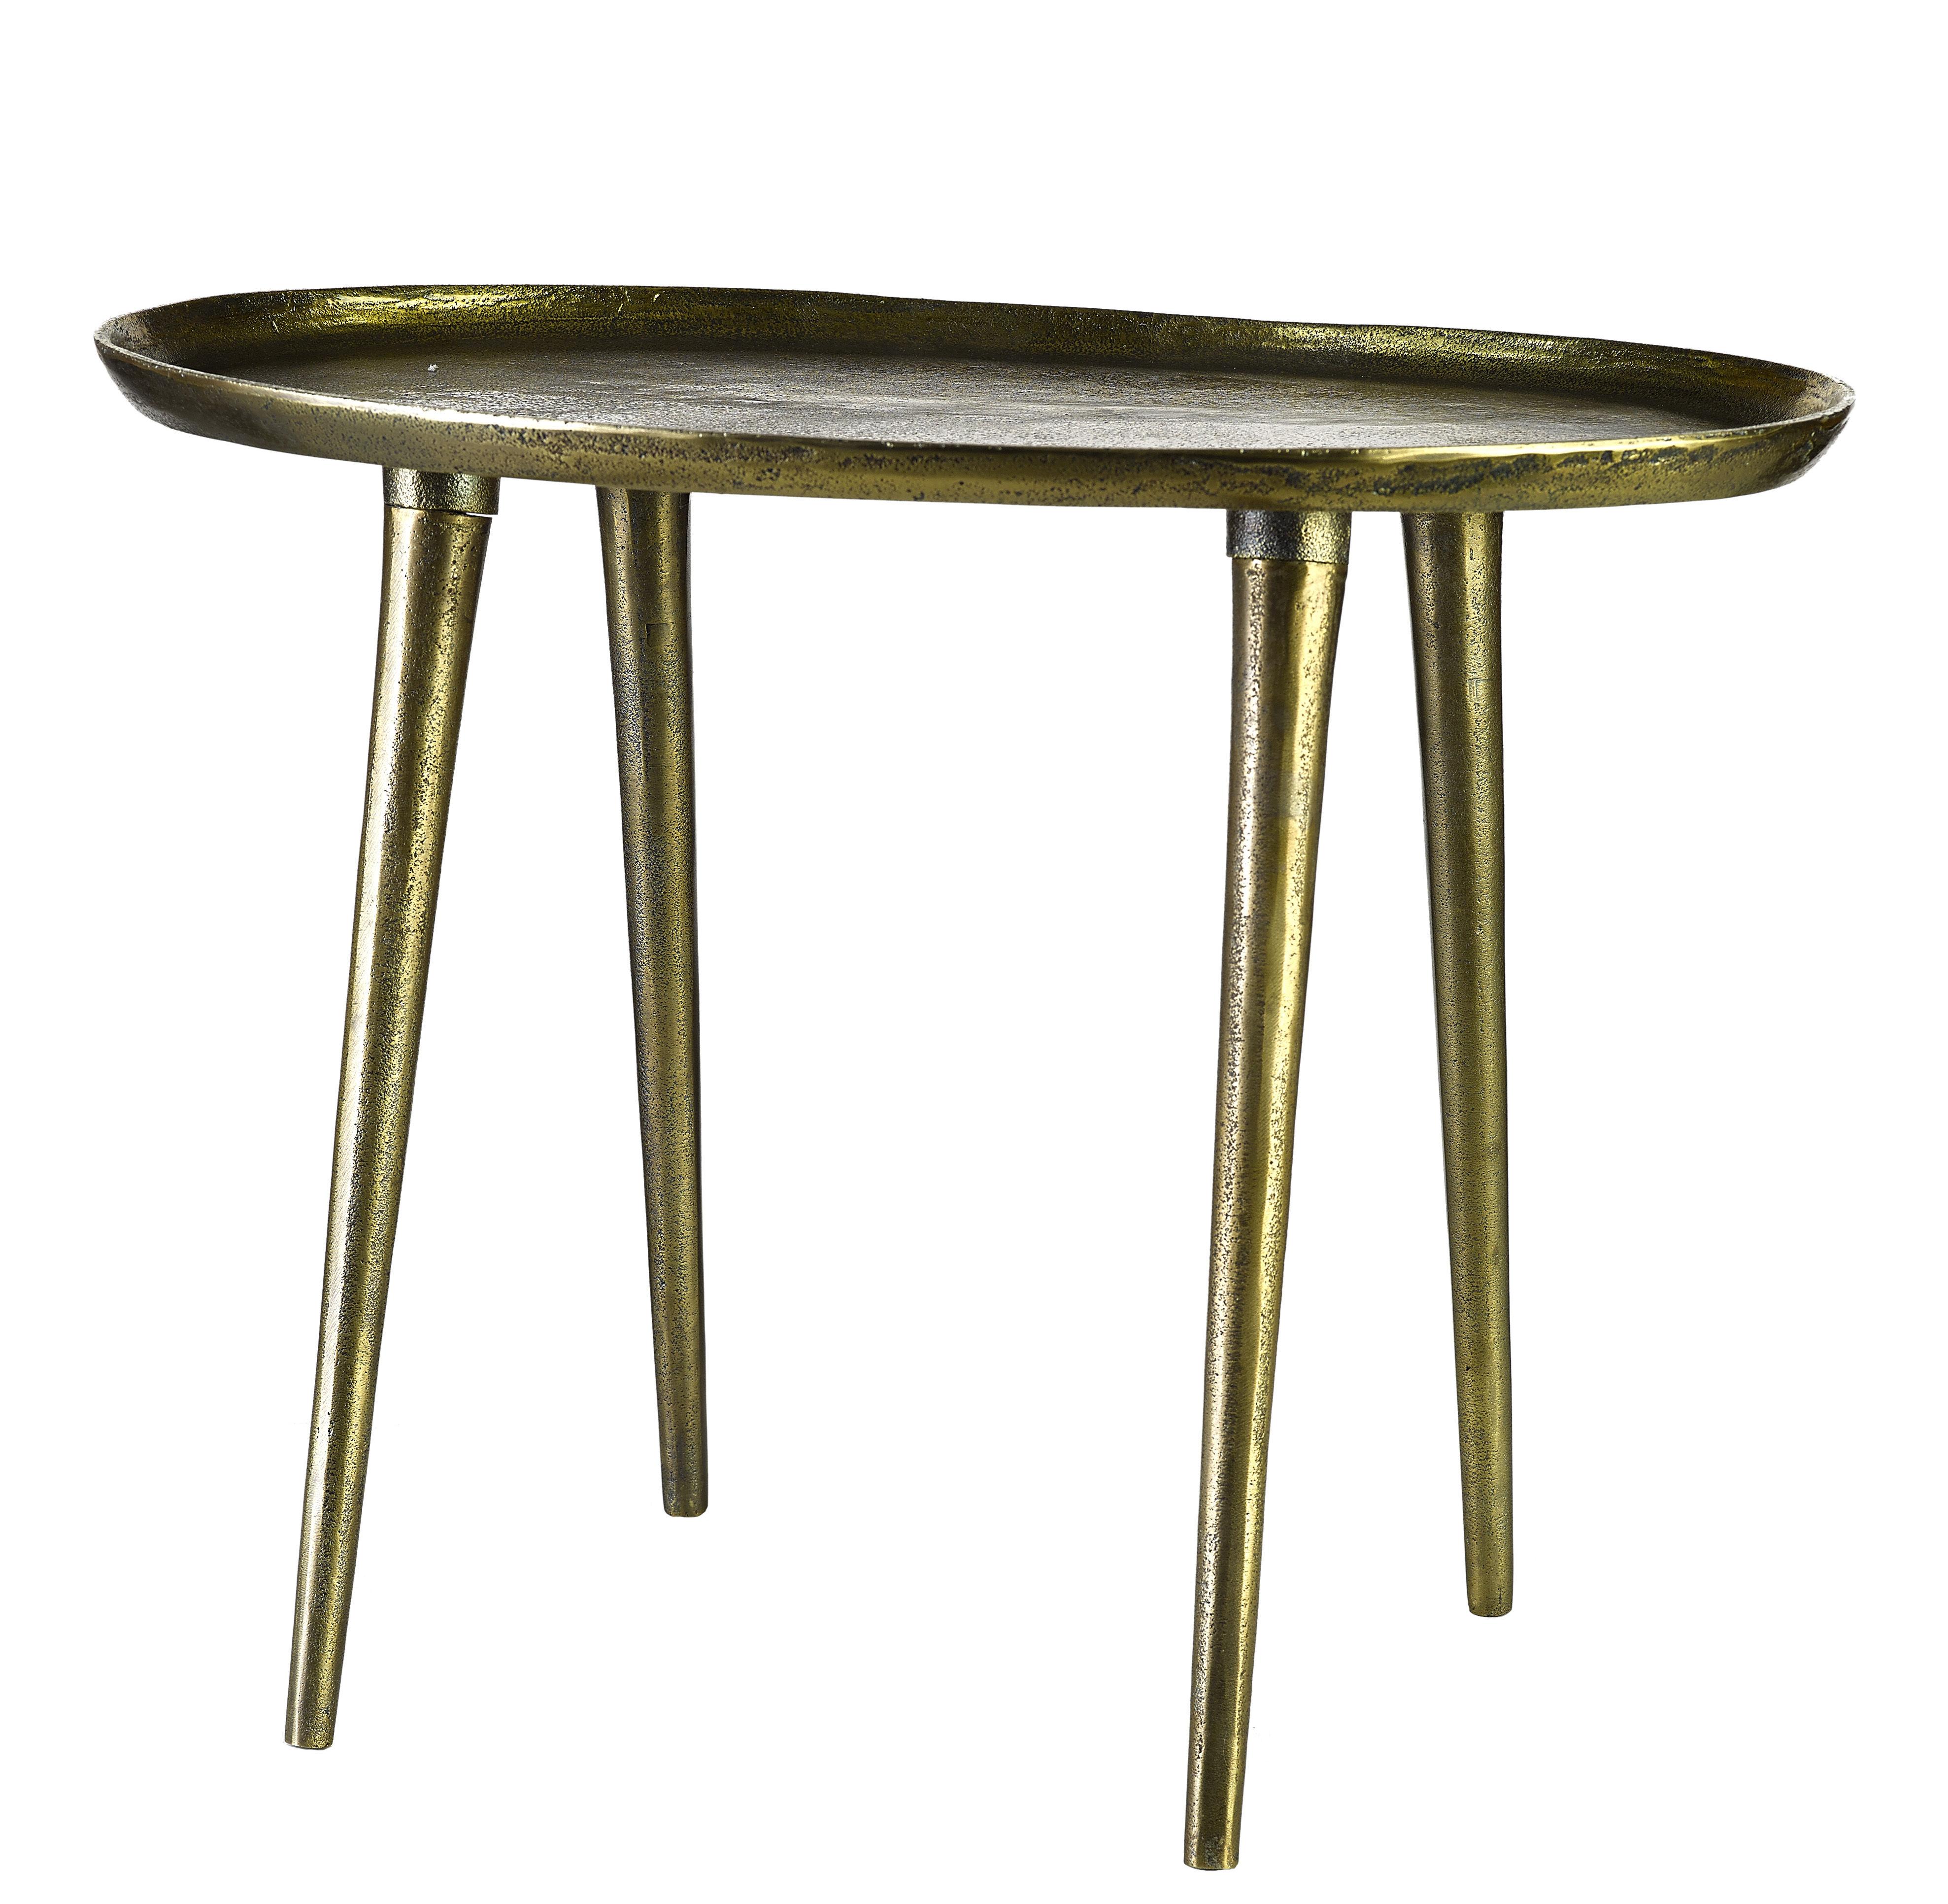 Arredamento - Tavolini  - Tavolino Oval / Fatto a mano - Ottone invecchiato - 53 x 37 cm - Pols Potten - Laiton vieilli - Alluminio fuso con finitura in ottone anticato